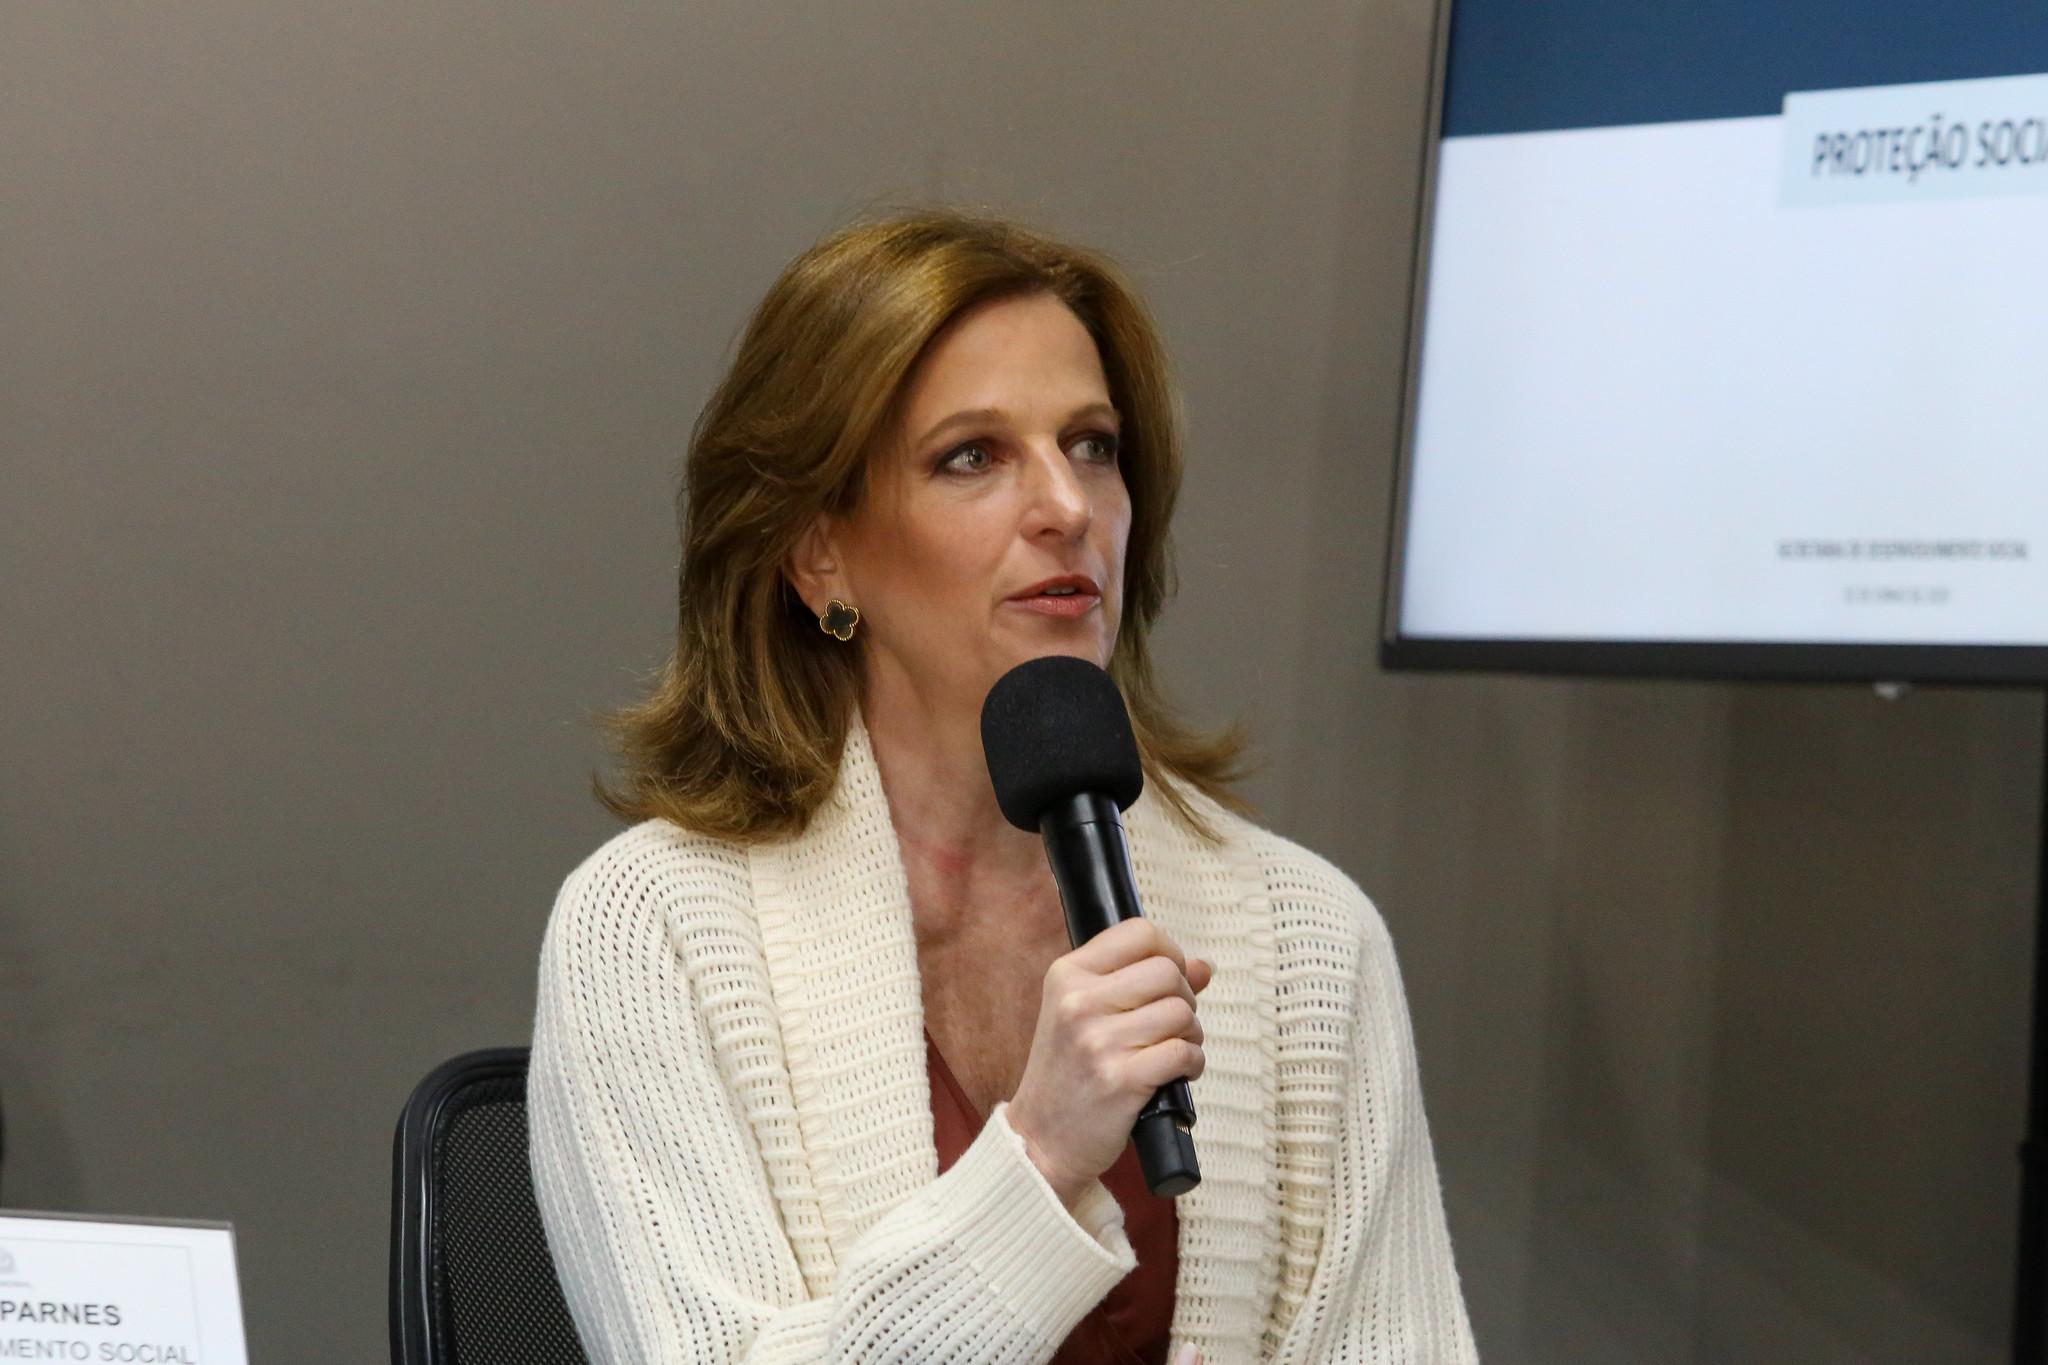 Célia Parnes